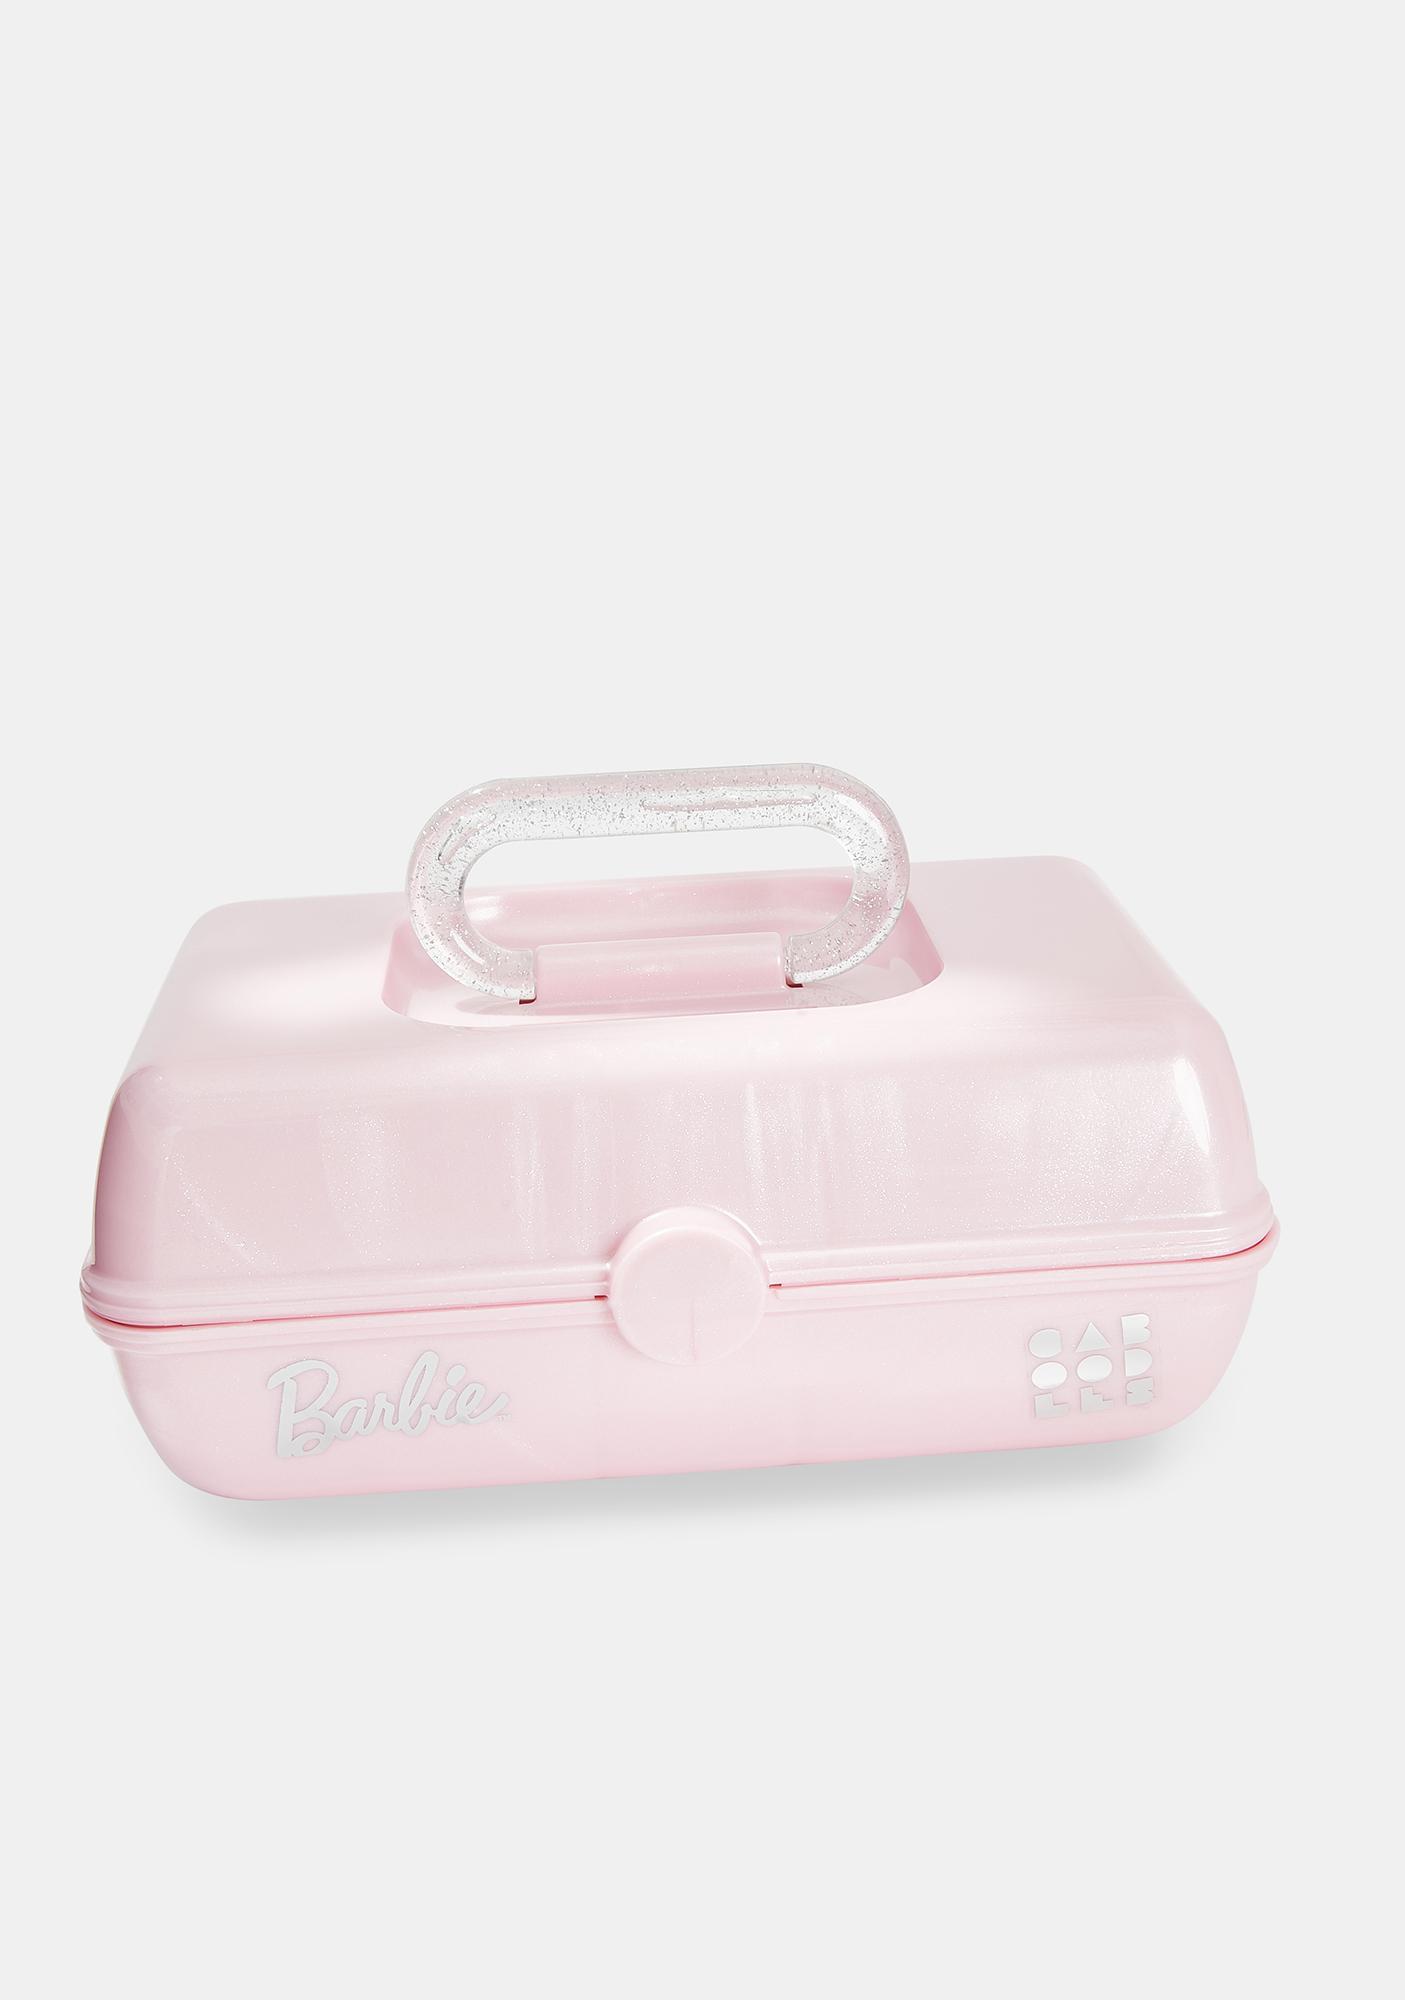 Caboodles Barbie Pink Caboodle